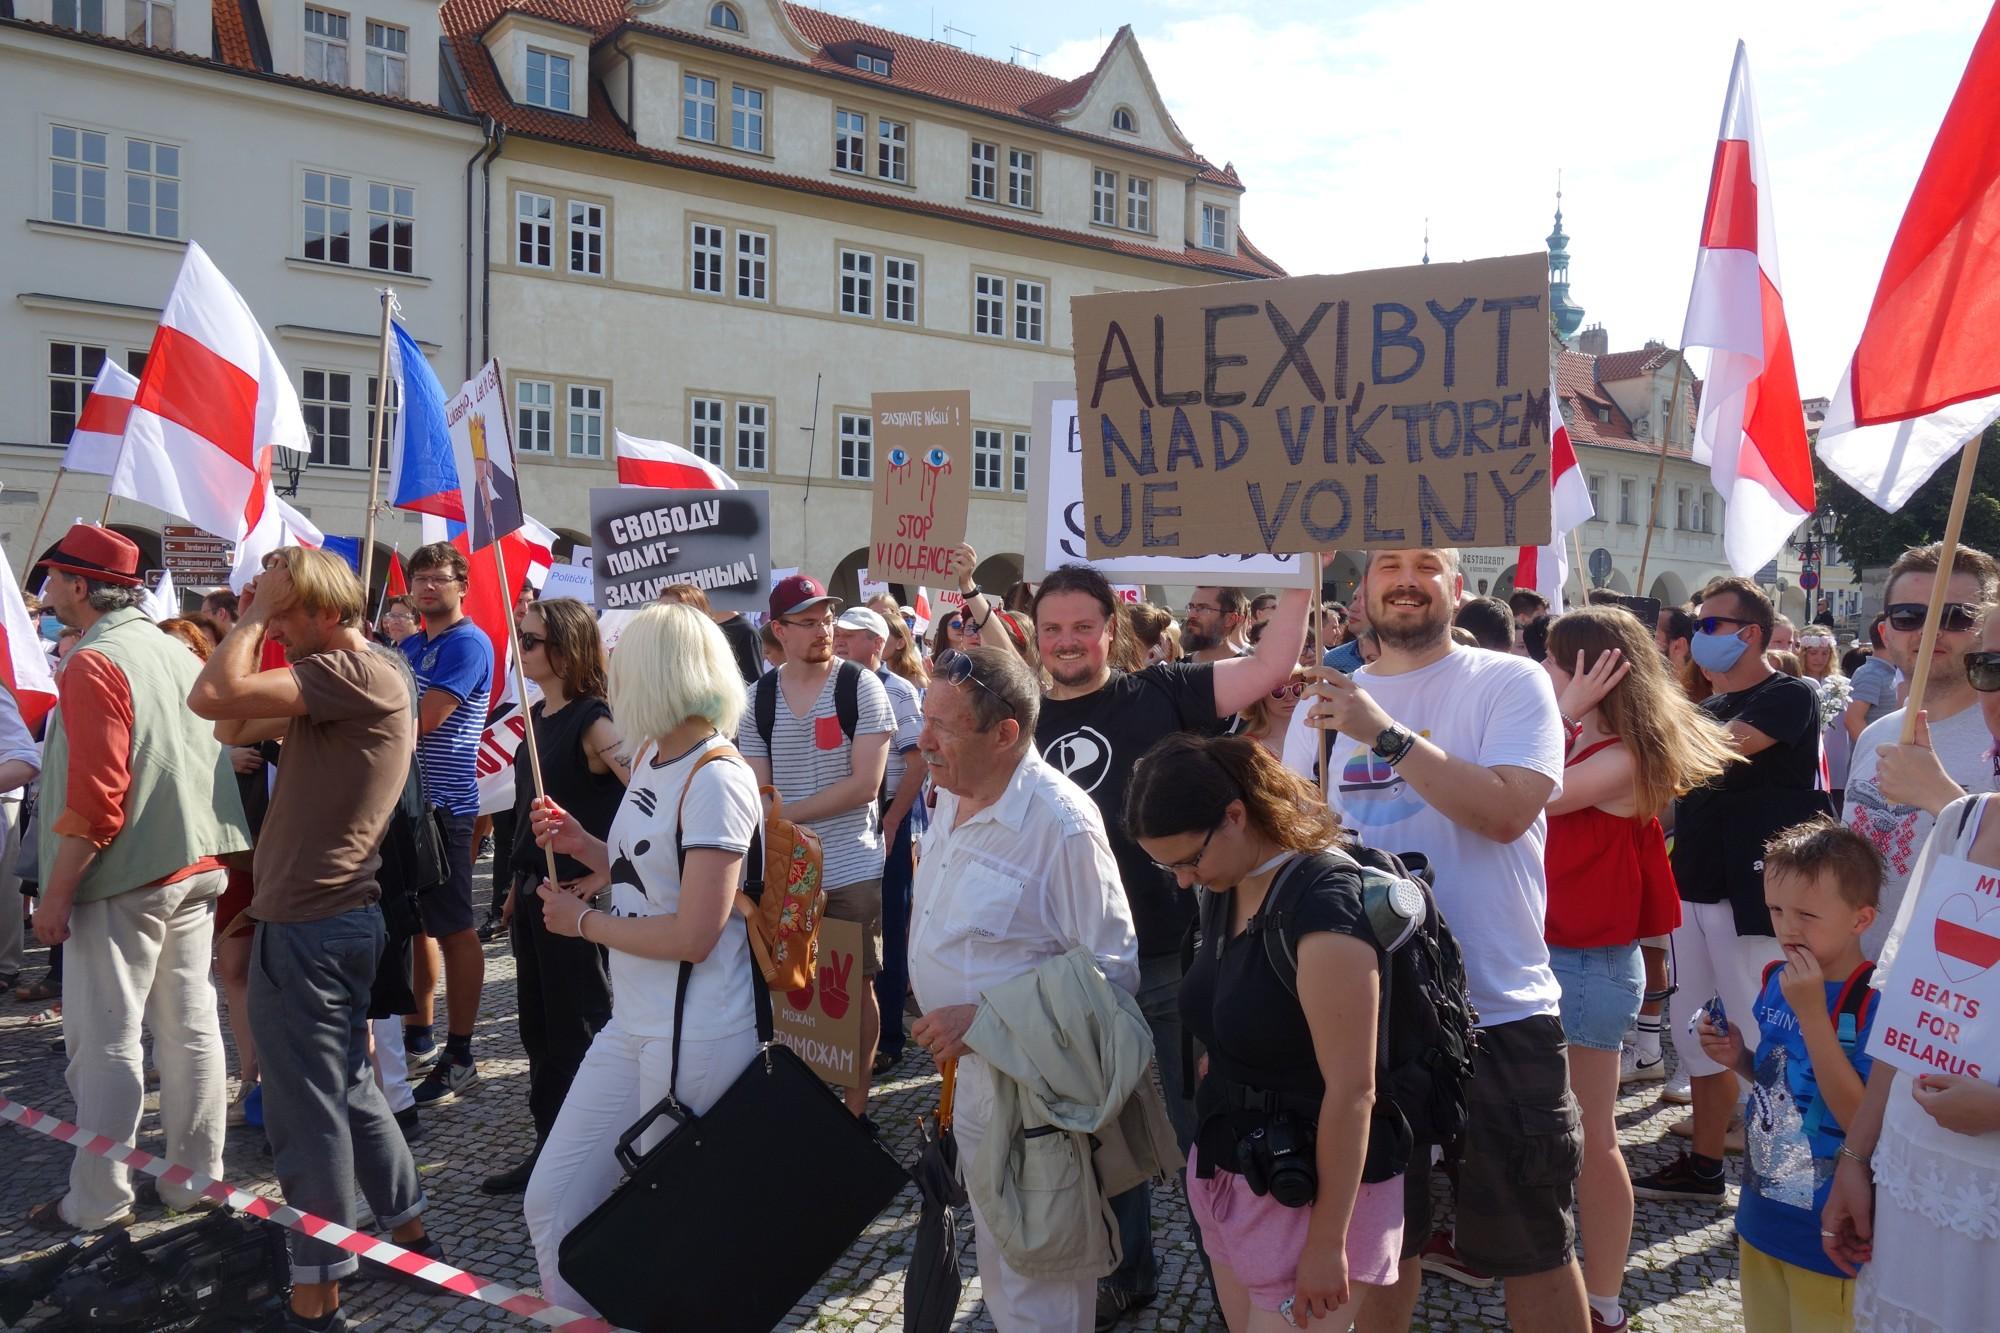 V českých městech se demonstrovalo proti policejním zásahům v Bělorusku